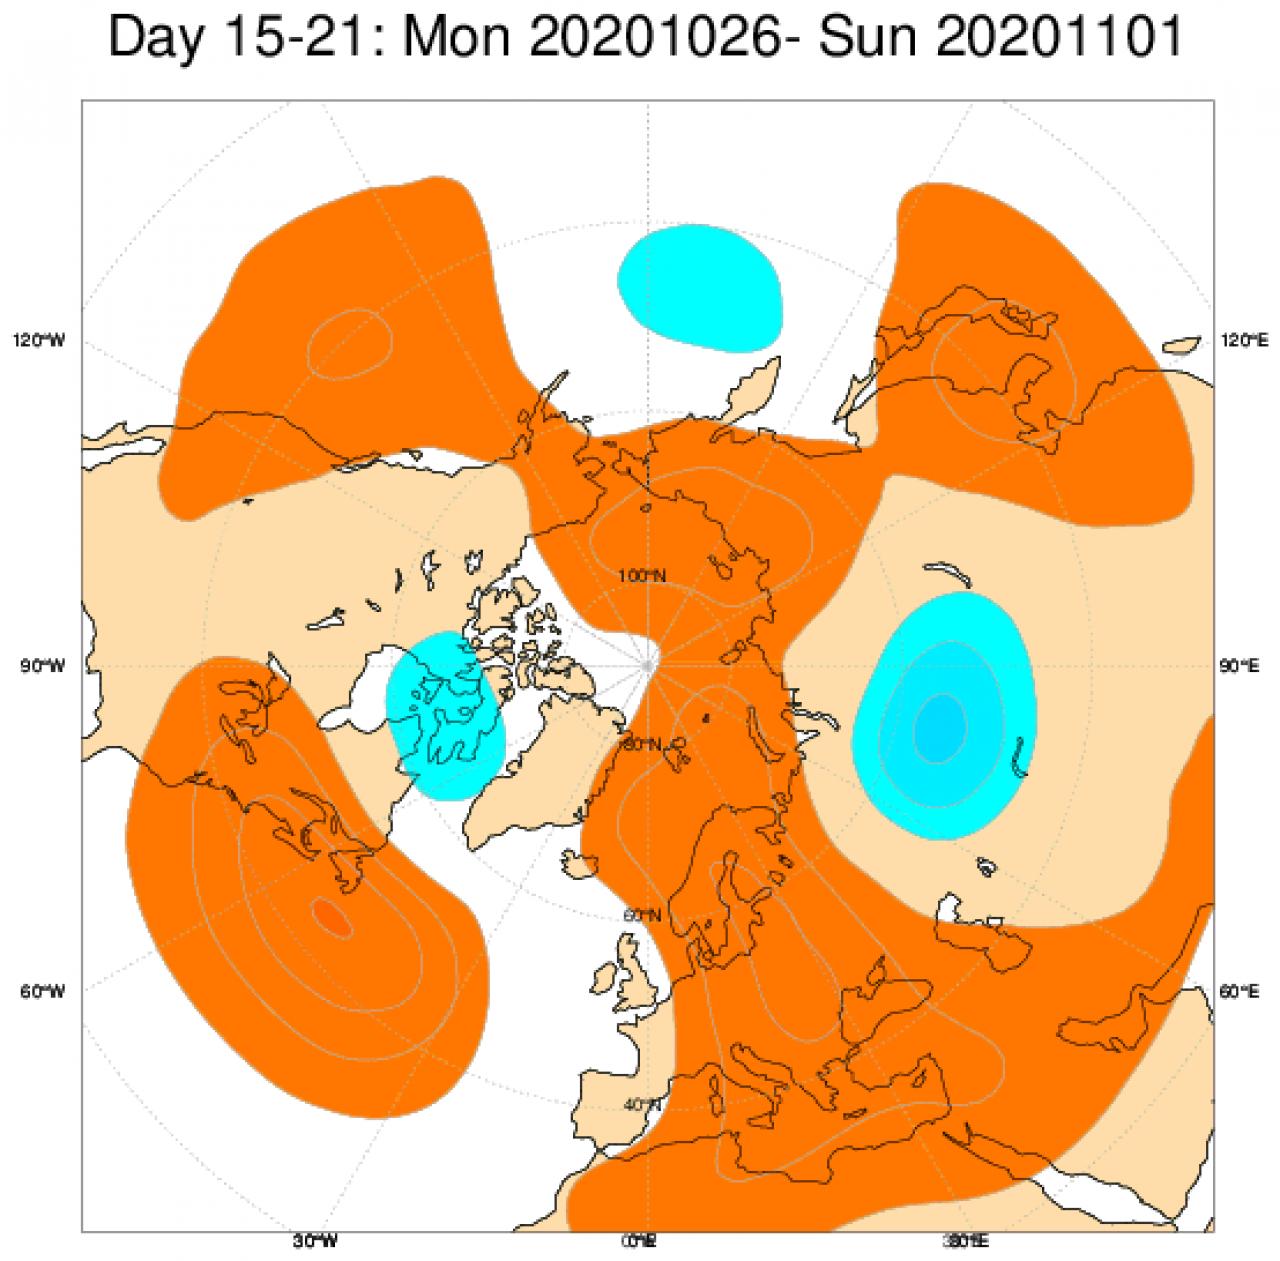 Le anomalie di geopotenziale a 500hPa, secondo il modello ECMWF, mediate nel periodo 26 ottobre - 1 novembre